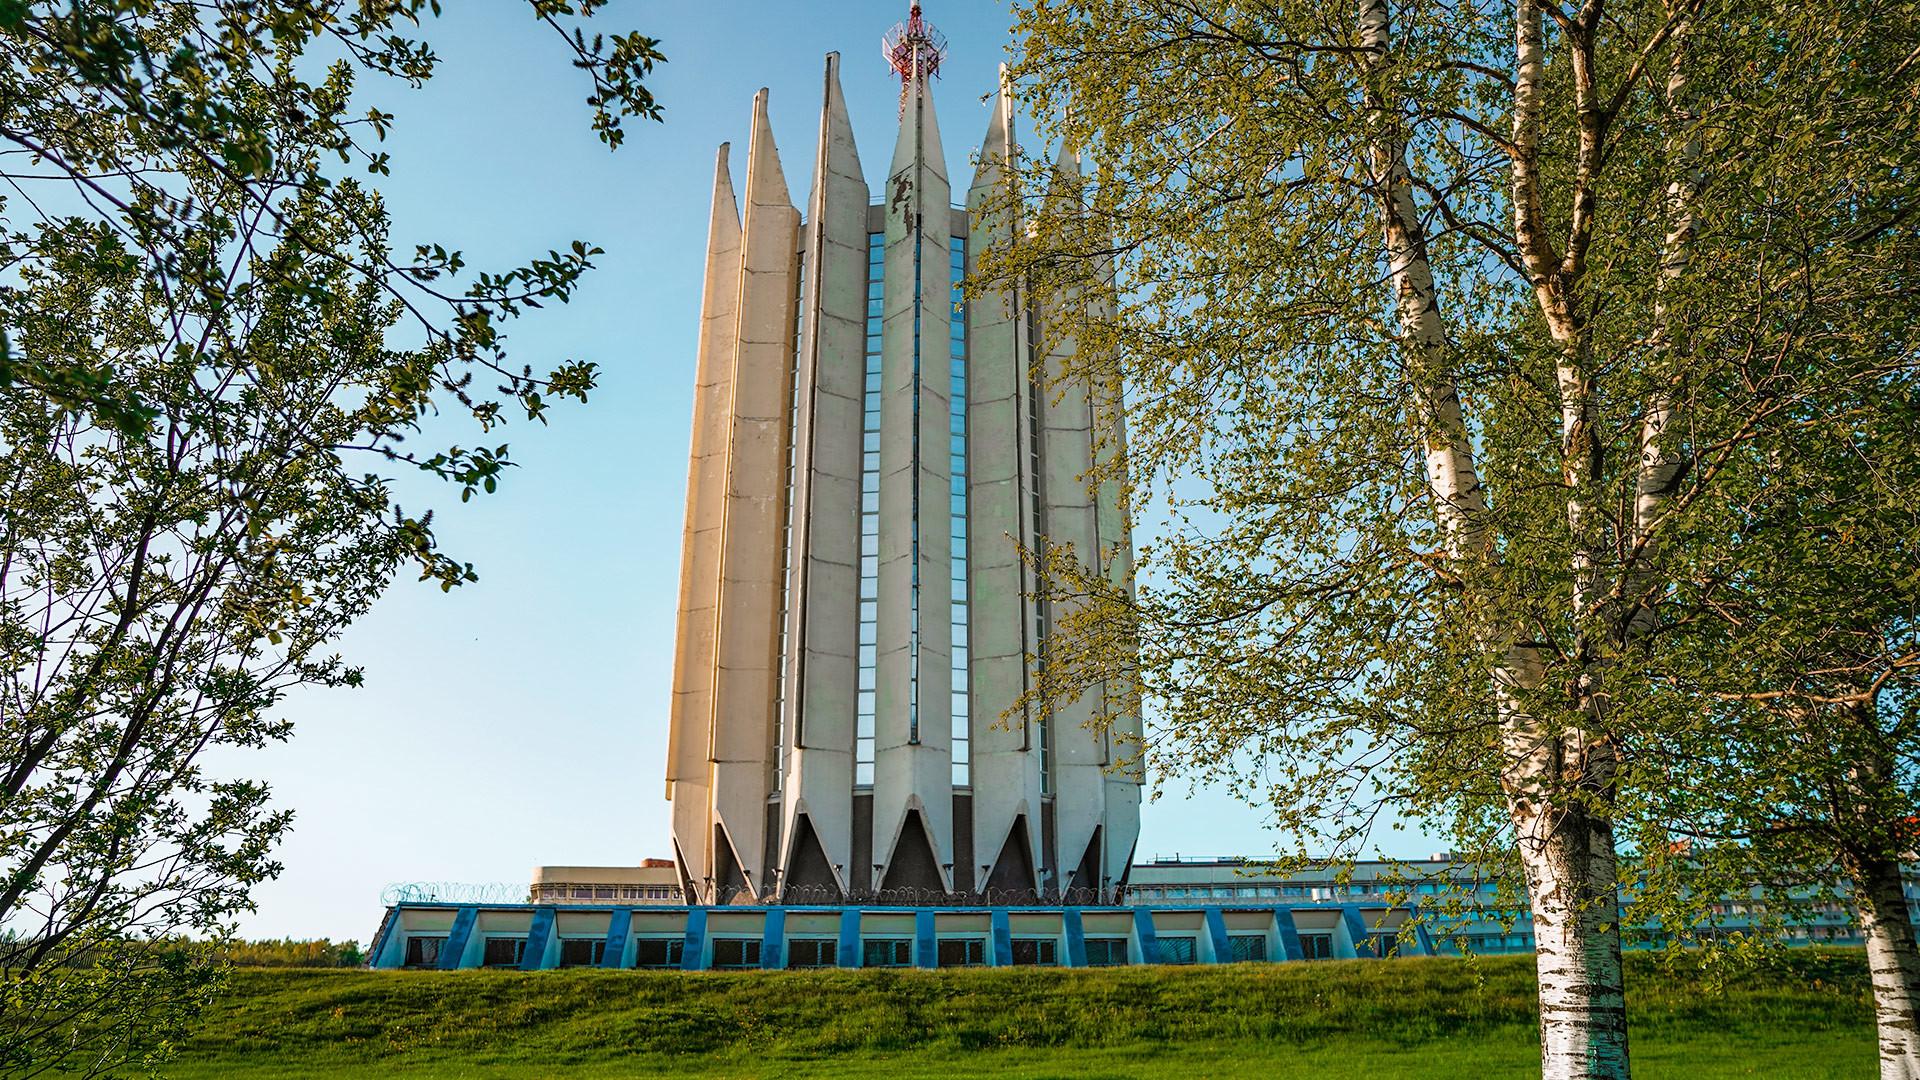 Instituto de Robótica, São Petersburgo.